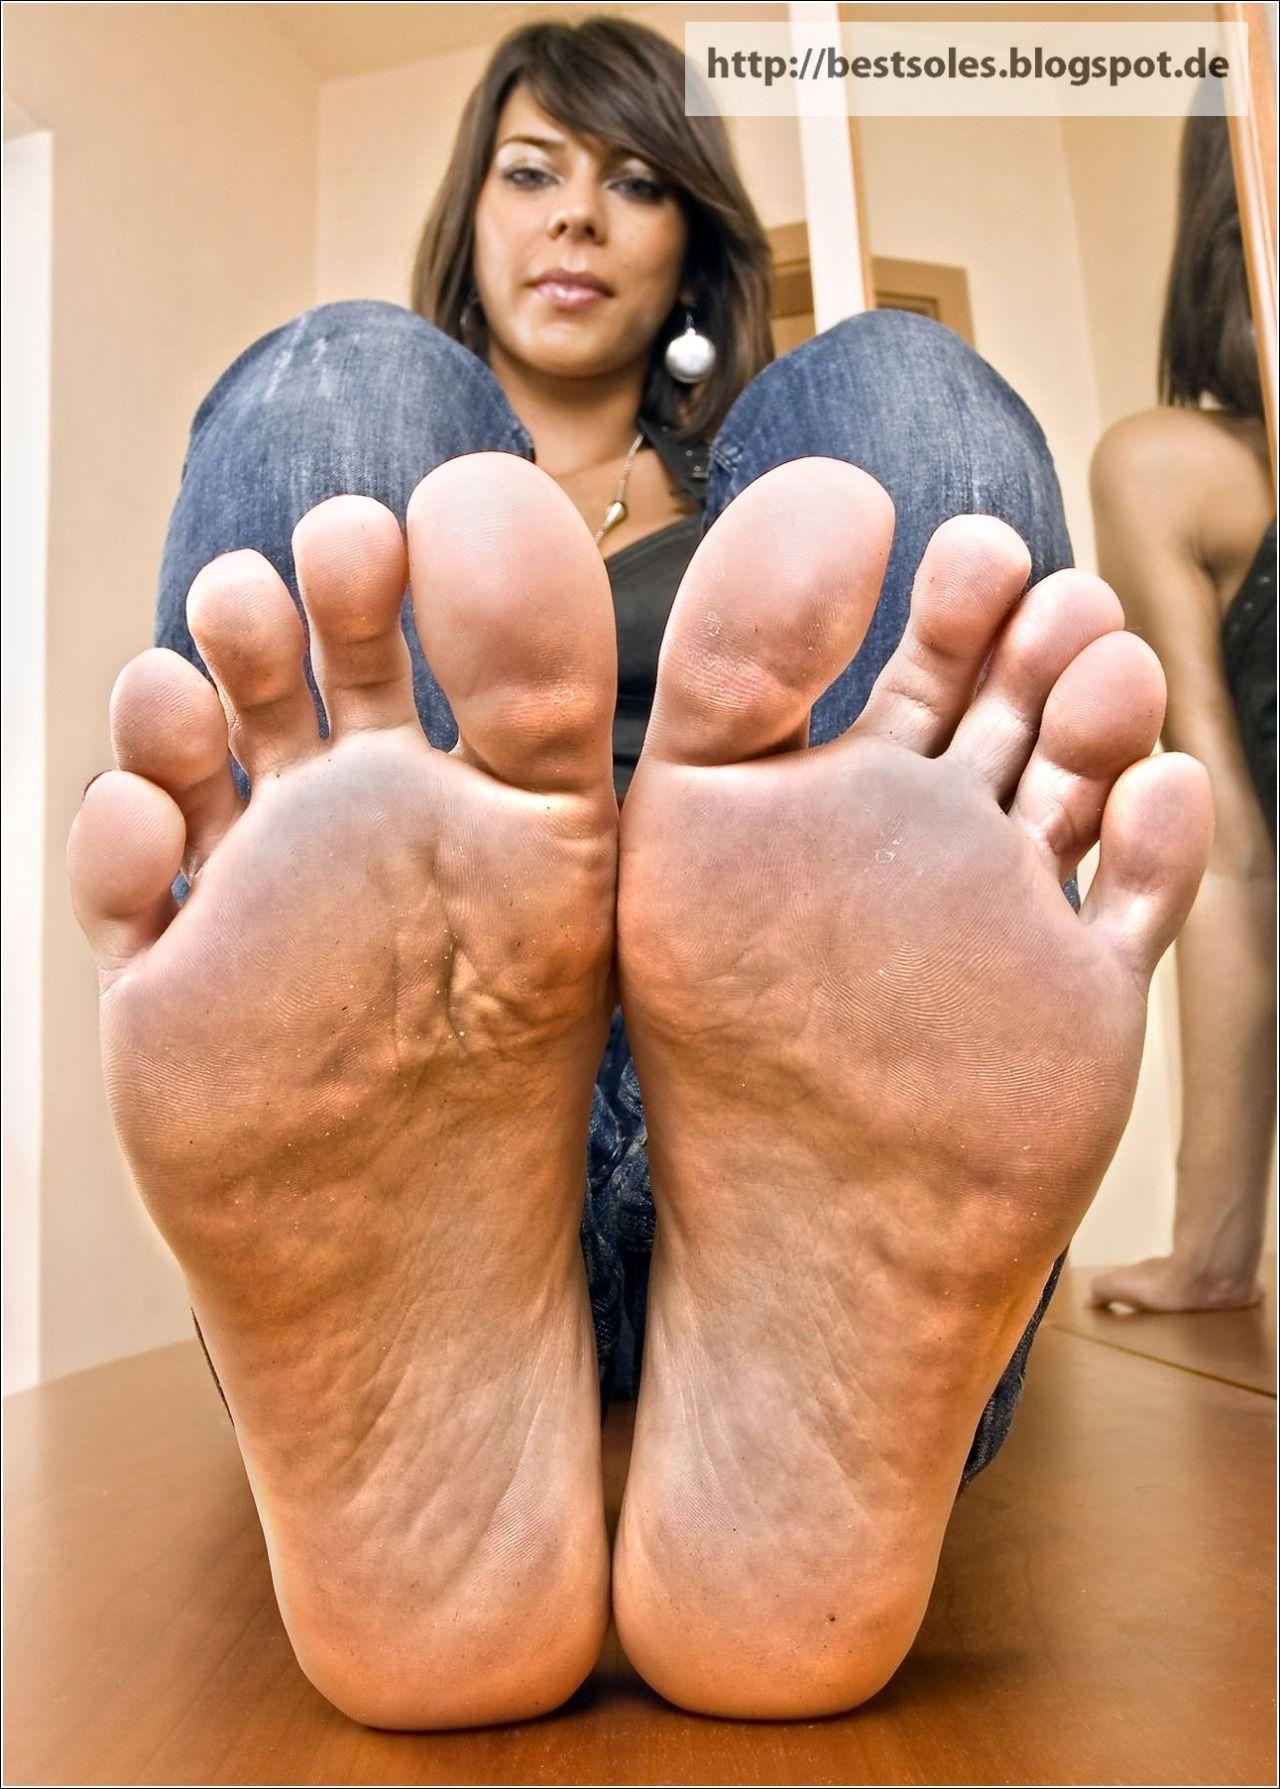 Foot fetish blogspot are